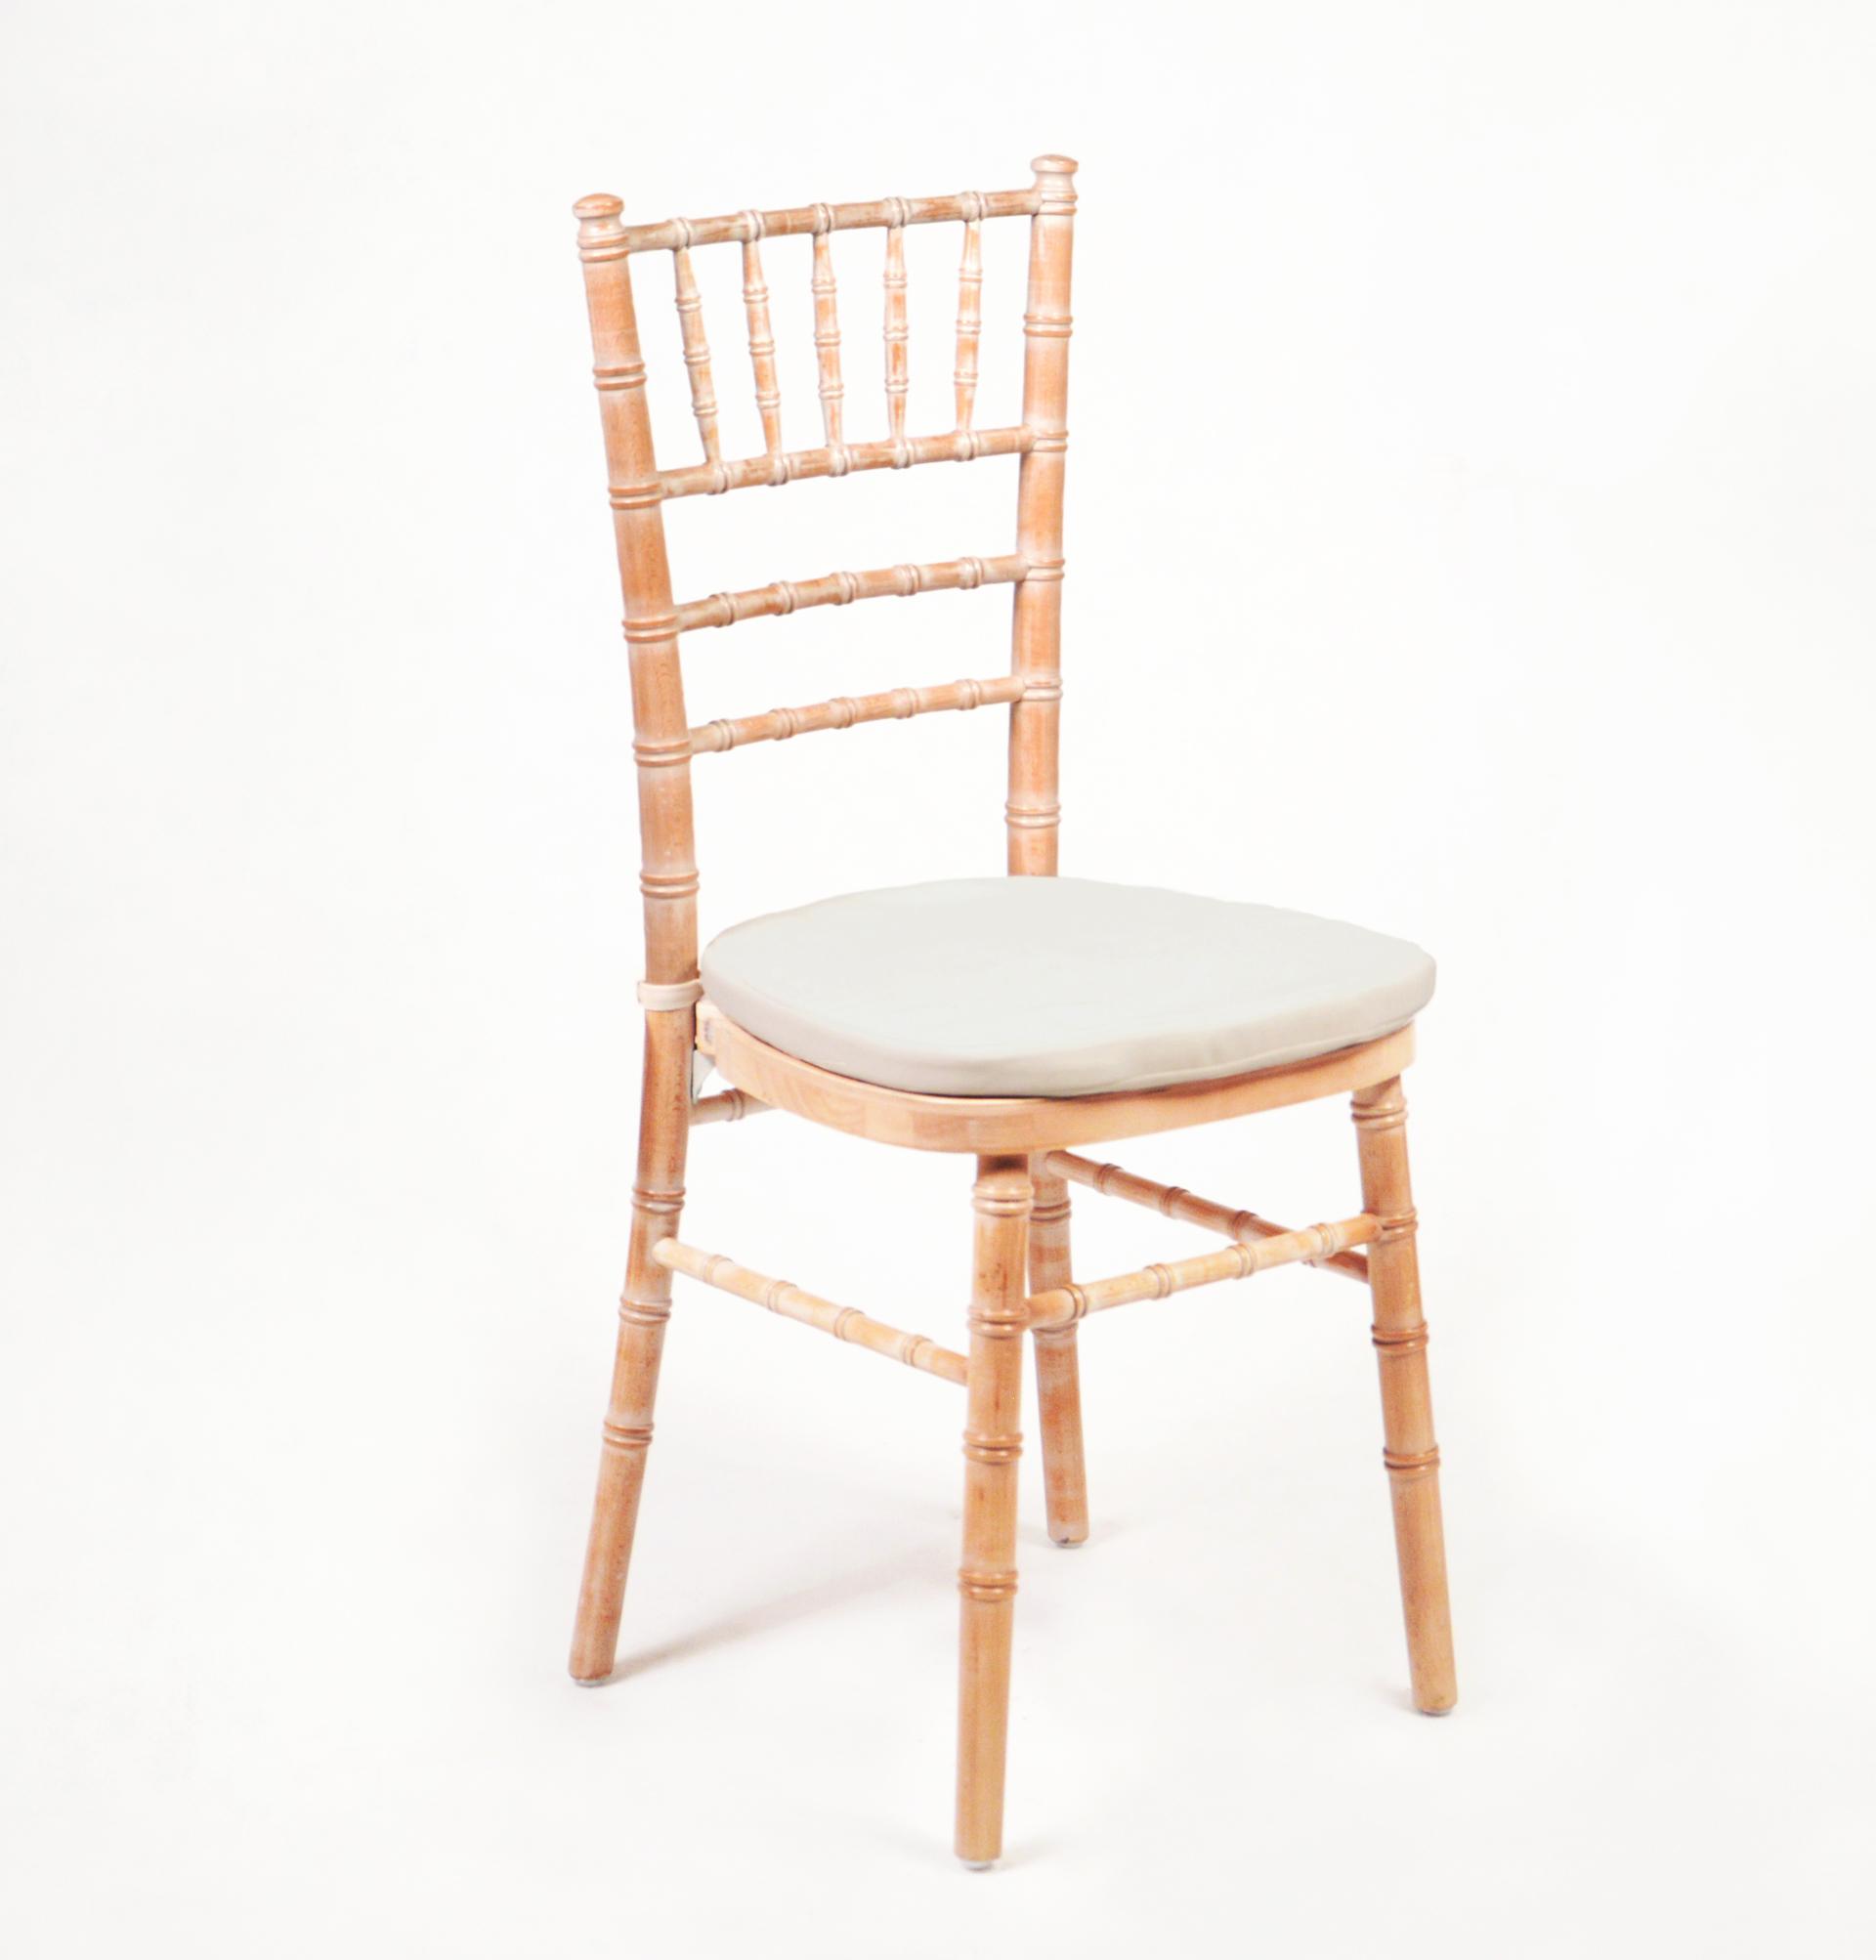 Cuscino per sedia origami centro noleggio - Cuscino per sedia viola ...